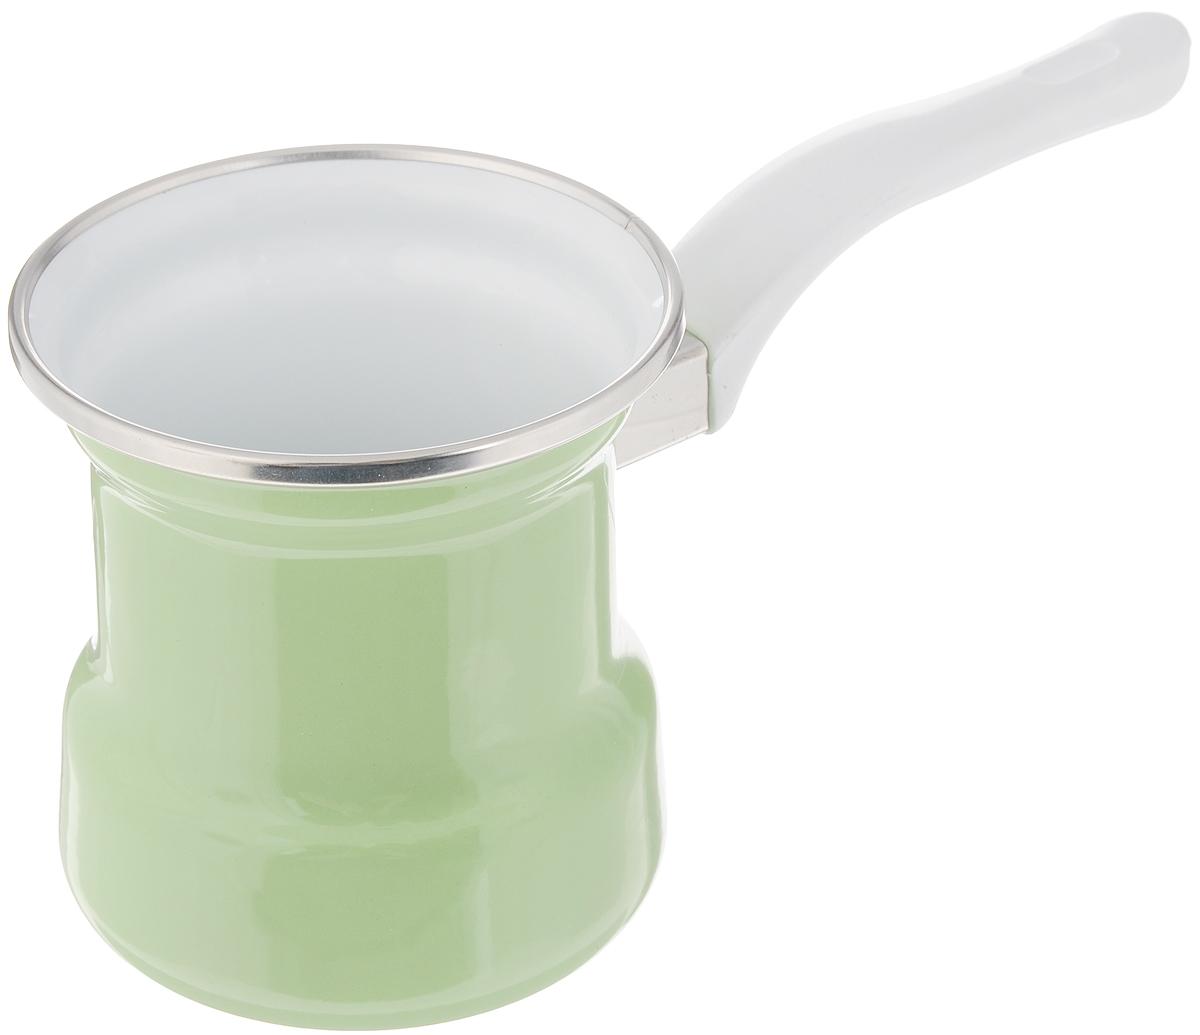 Турка эмалированная Elros Green Apple, цвет: зеленый, 400 млVT-1520(SR)Турка Elros Green Apple прекрасно подходит для приготовления настоящего кофе на плите. Изготовлена из стали с эмалированным покрытием. Изделие оснащено эргономичной ручкой. Такая турка органично впишется в интерьер вашей кухни и станет замечательным подарком к любому случаю. Подходит для всех видов плит. Можно мыть в посудомоечной машине. Диаметр (по верхнему краю): 9 см. Высота стенки: 10 см. Длина ручки: 12,5 см.